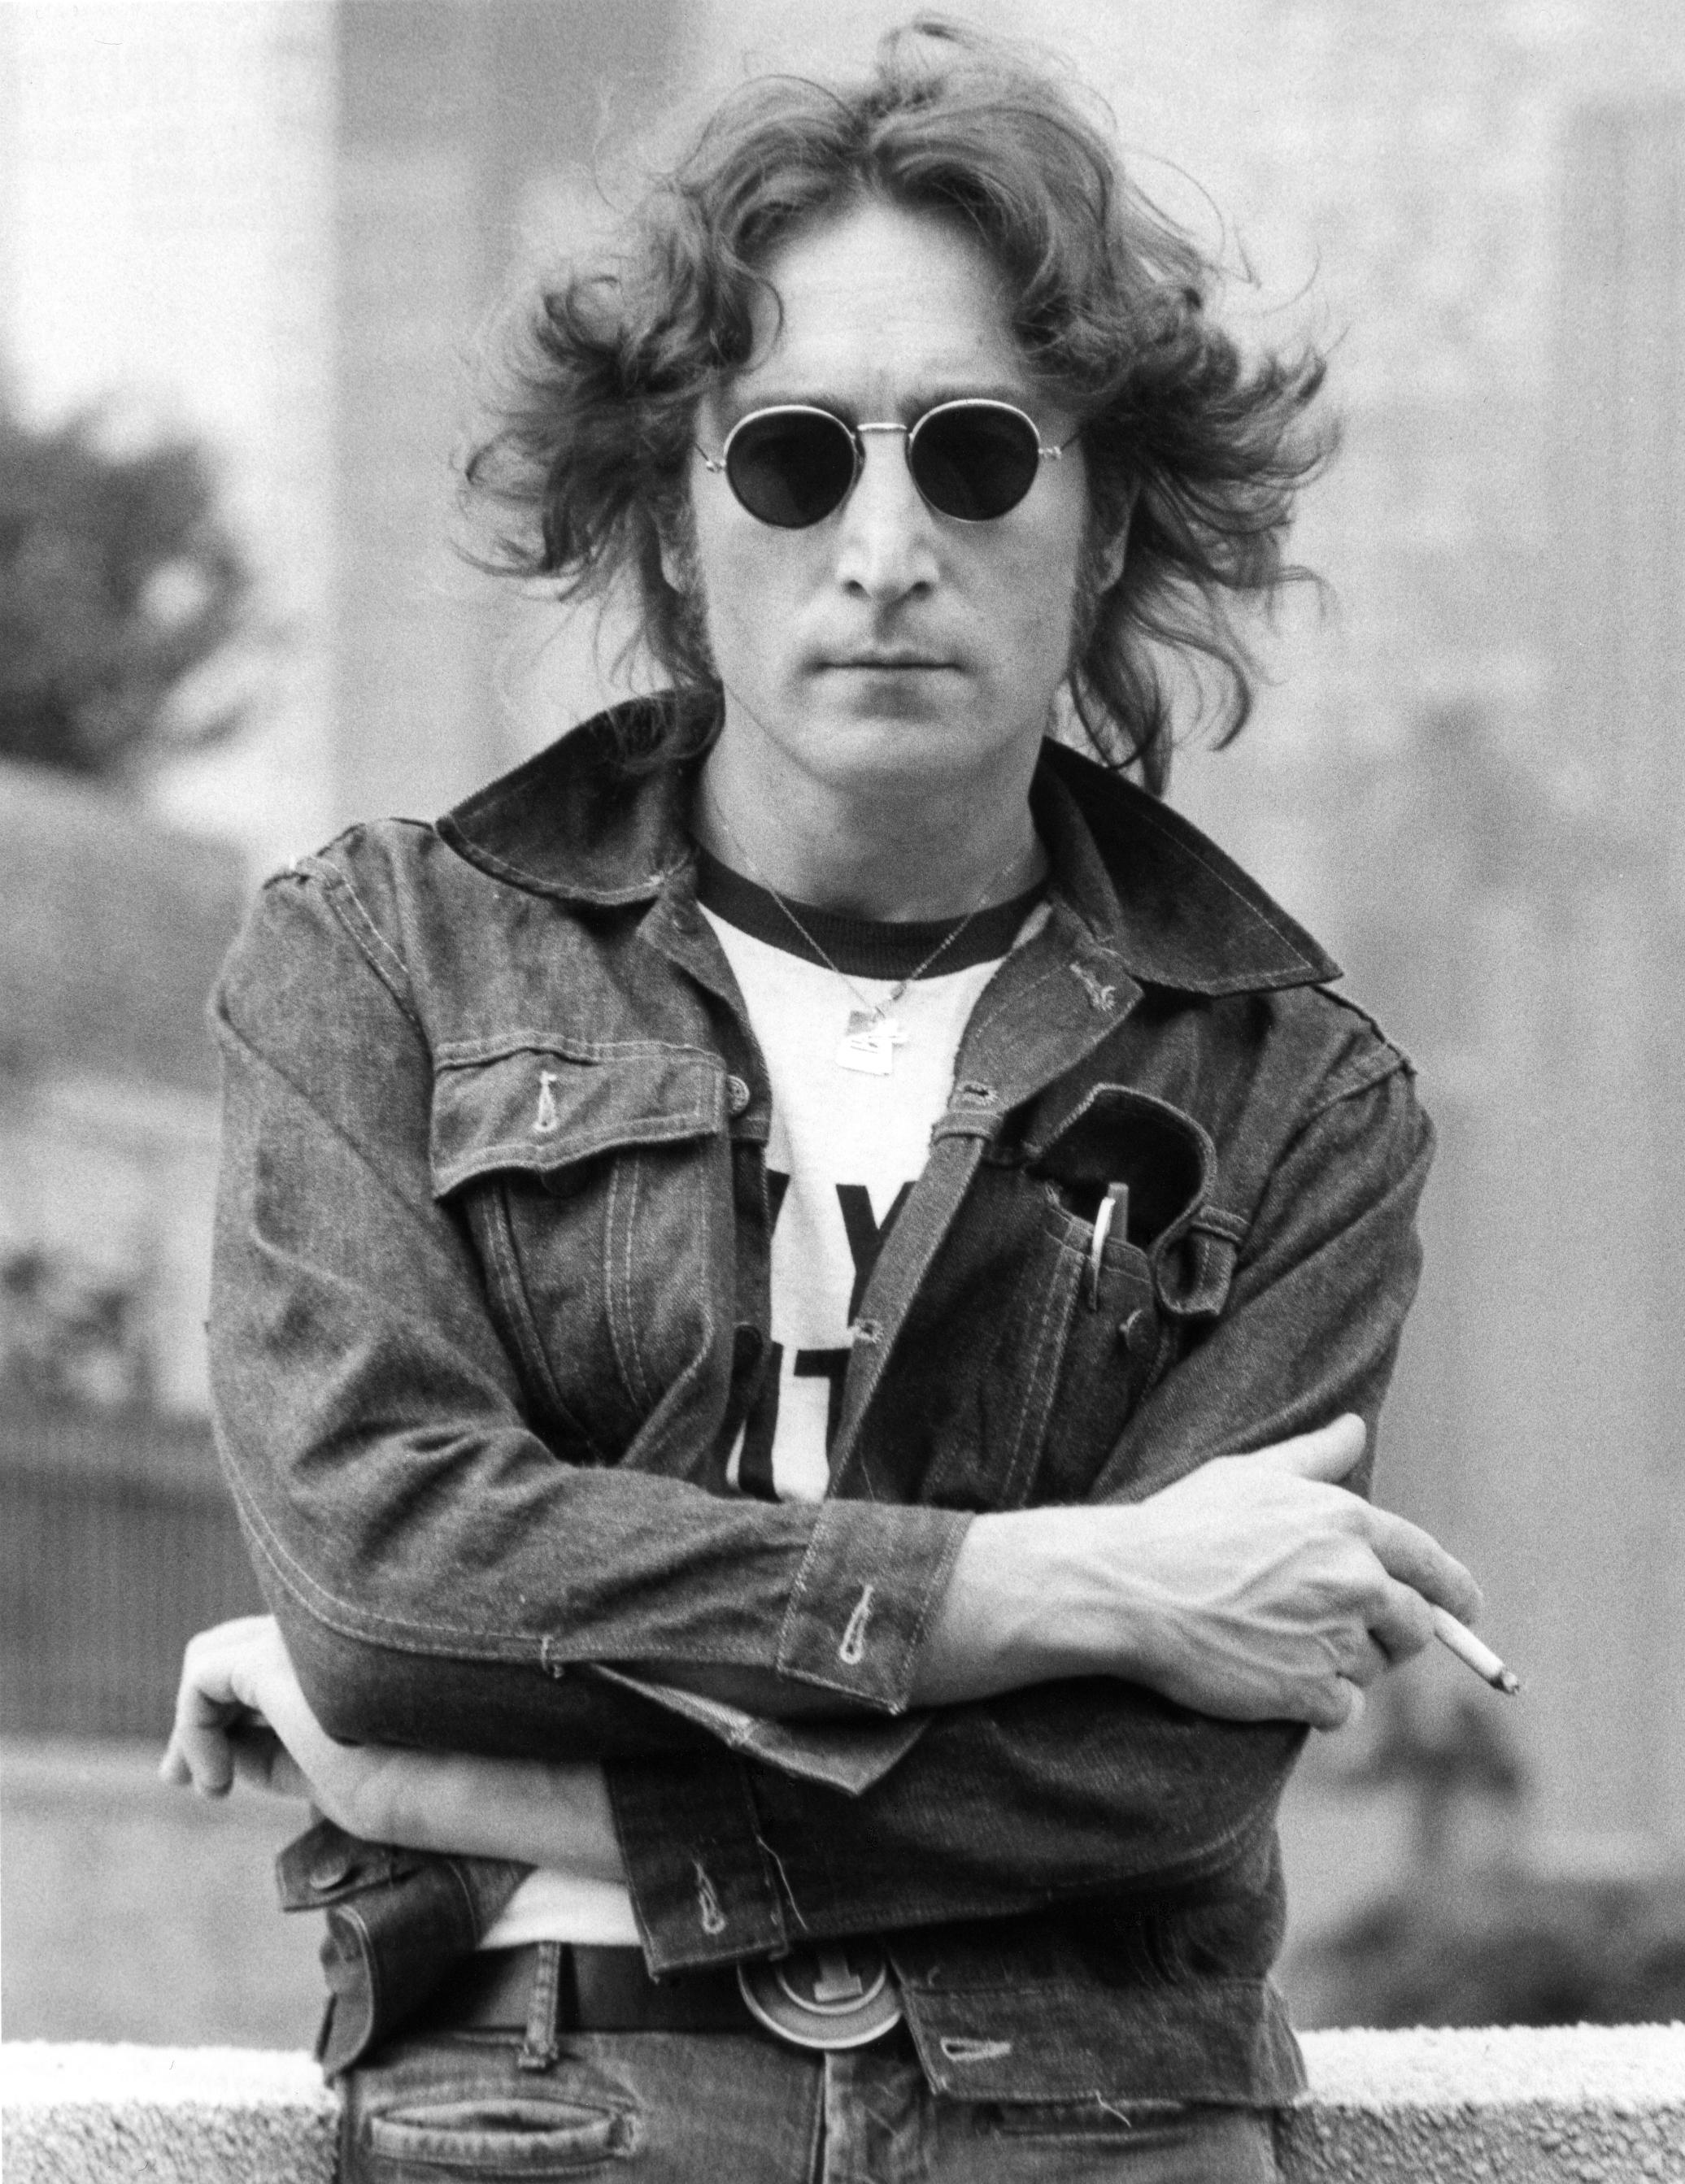 Pedido de libertação do assassino de John Lennon negado pela nona vez